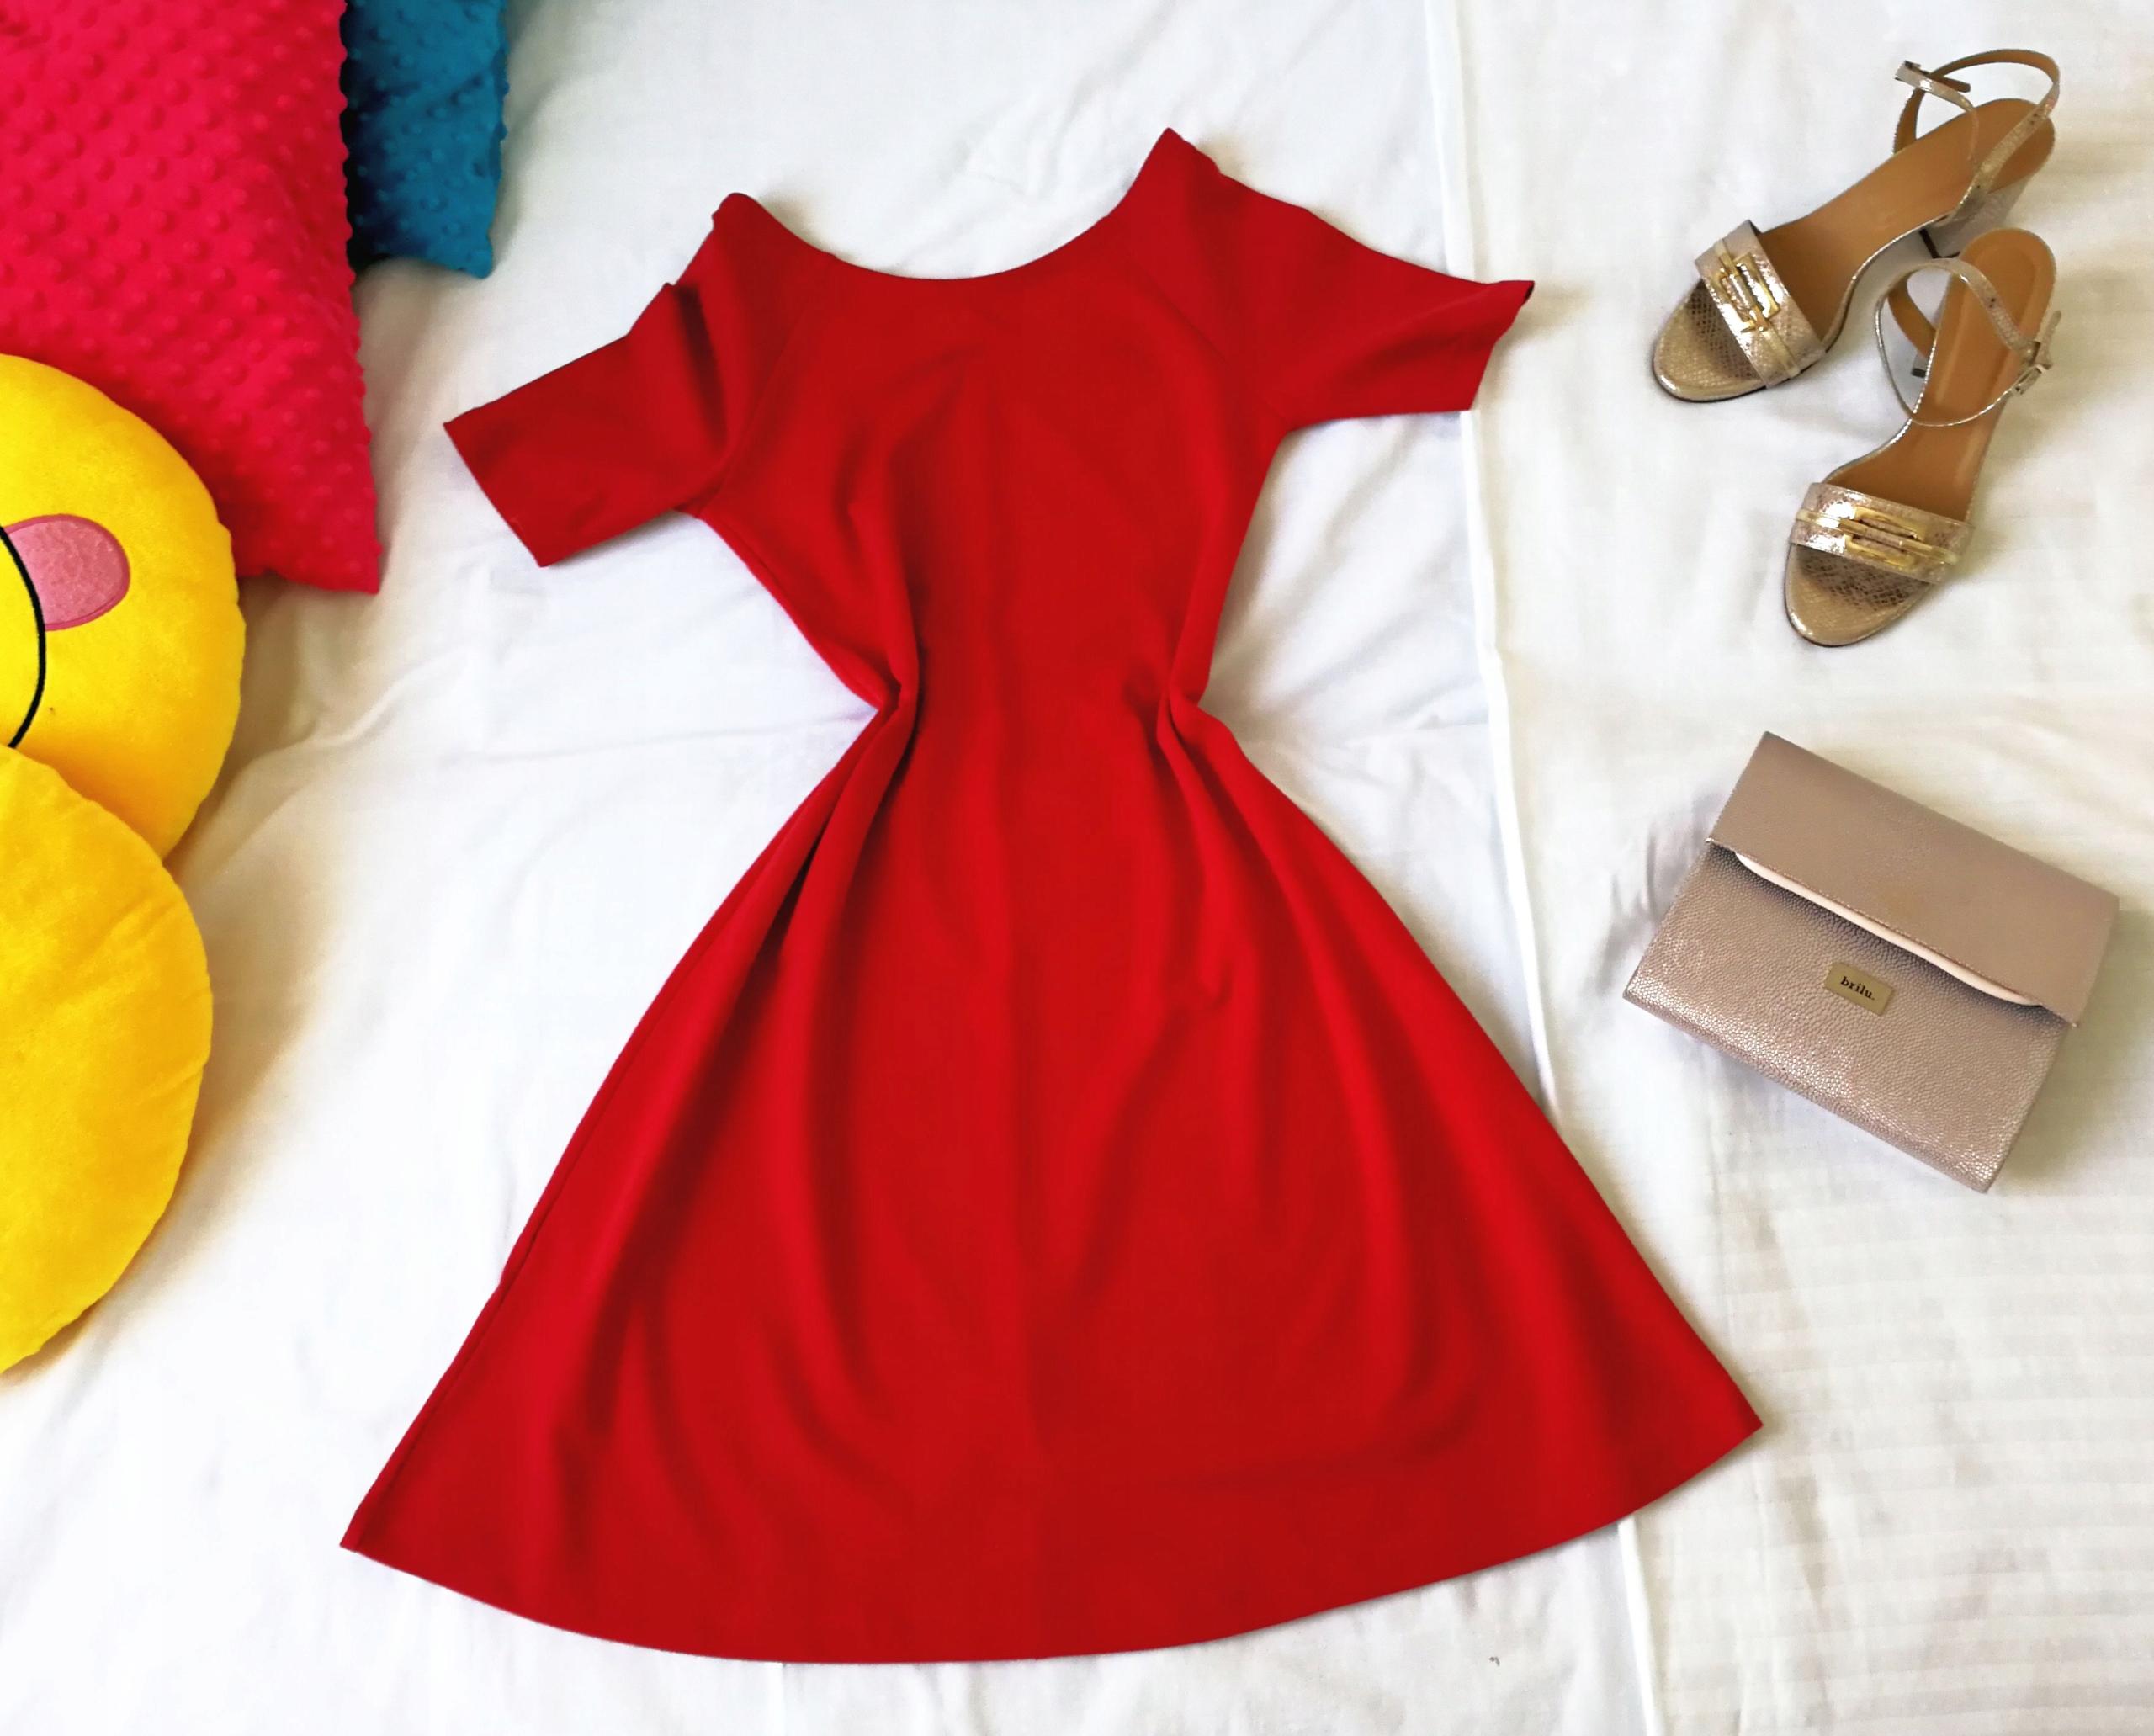 ZARA TRF sukienka czerwona S 7591305274 oficjalne